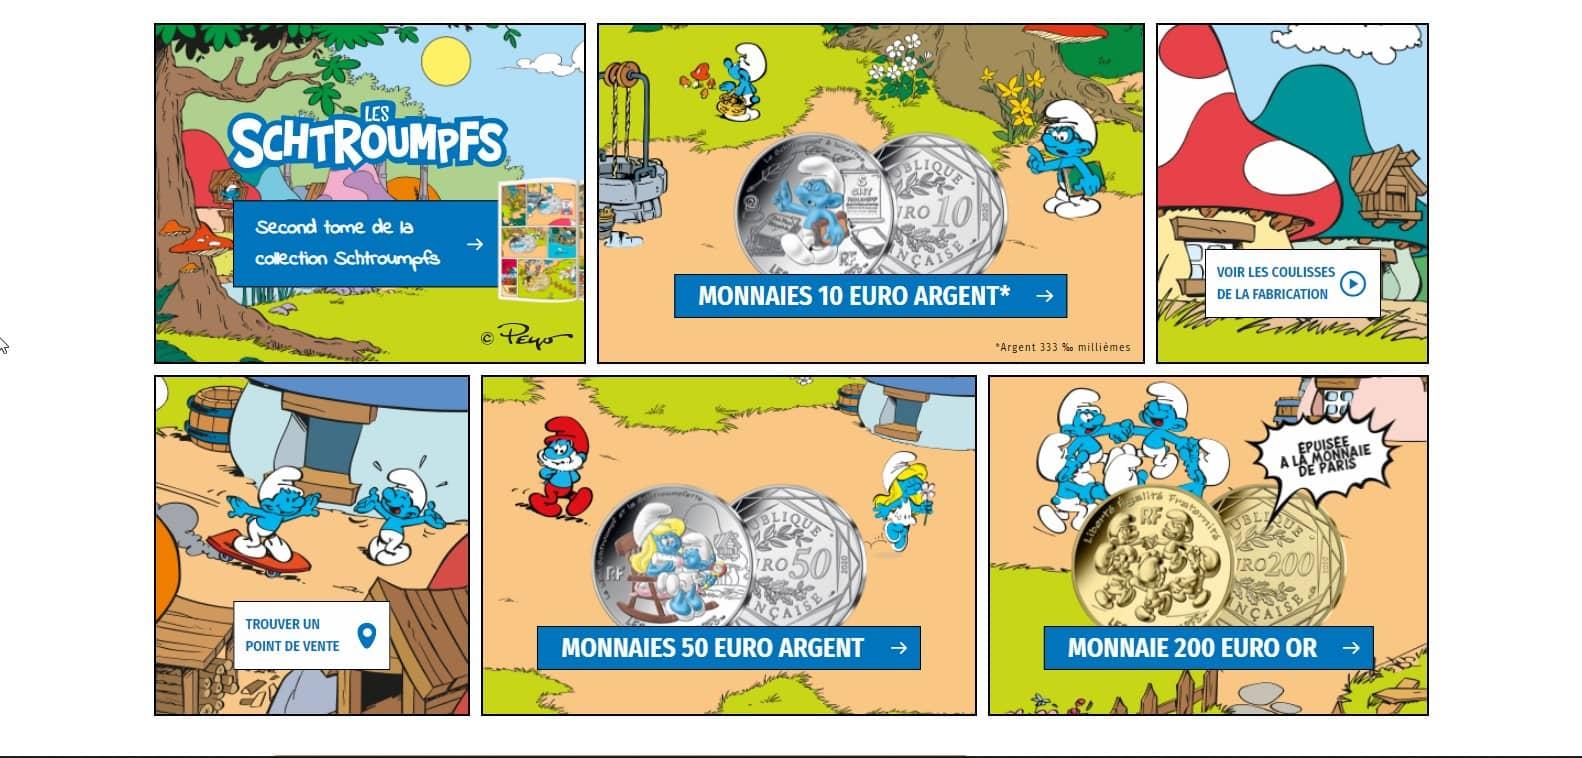 Les Schtroumpfs à la Monnaie de Paris